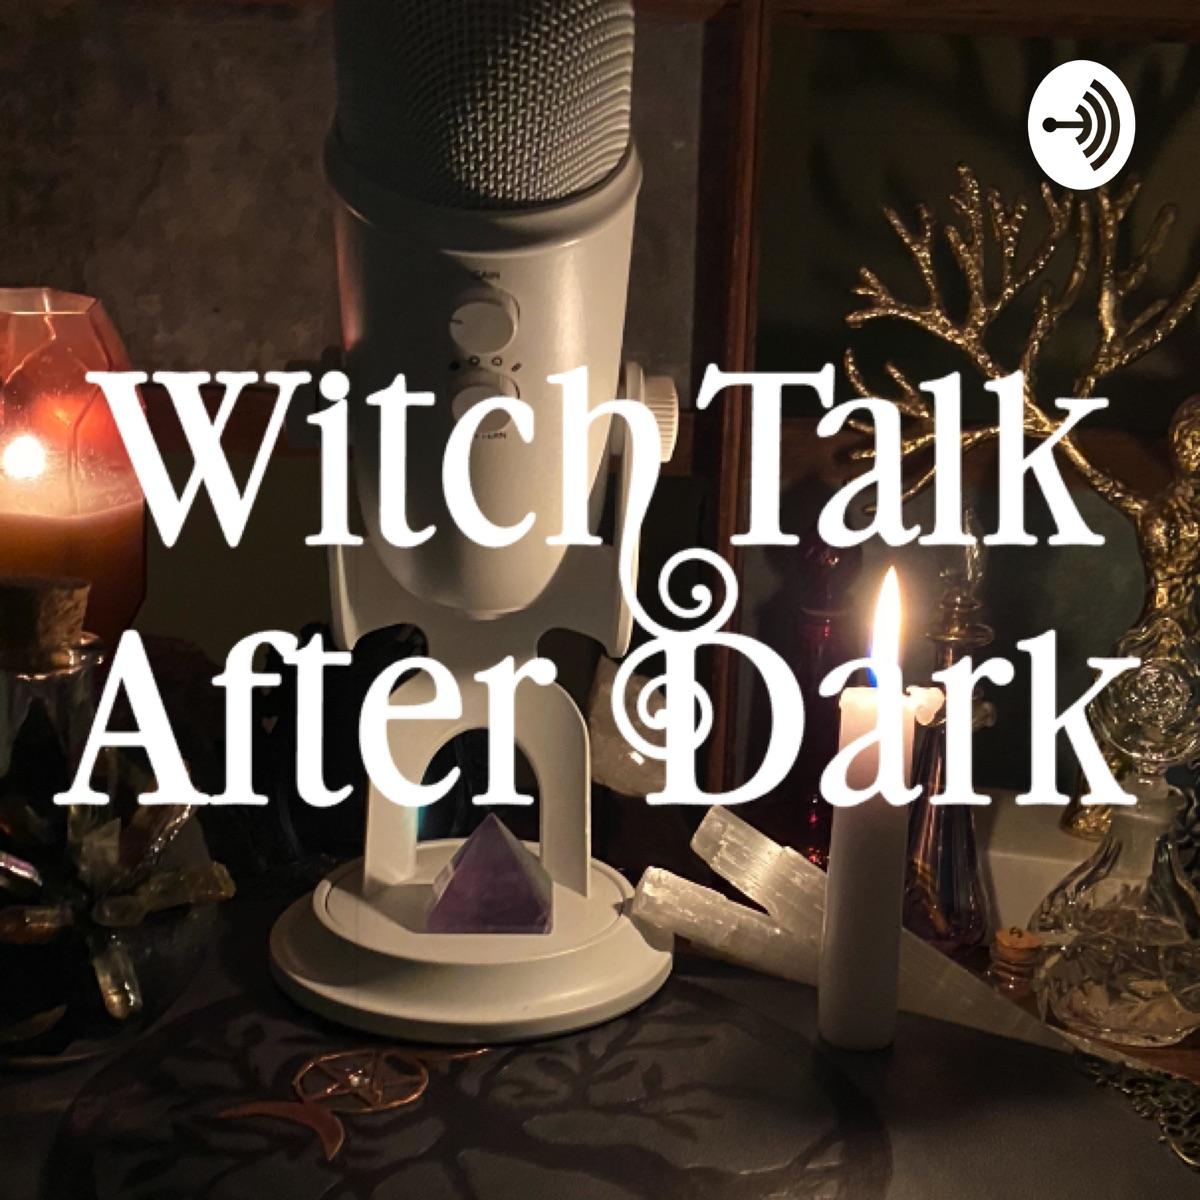 WitchTalk After Dark